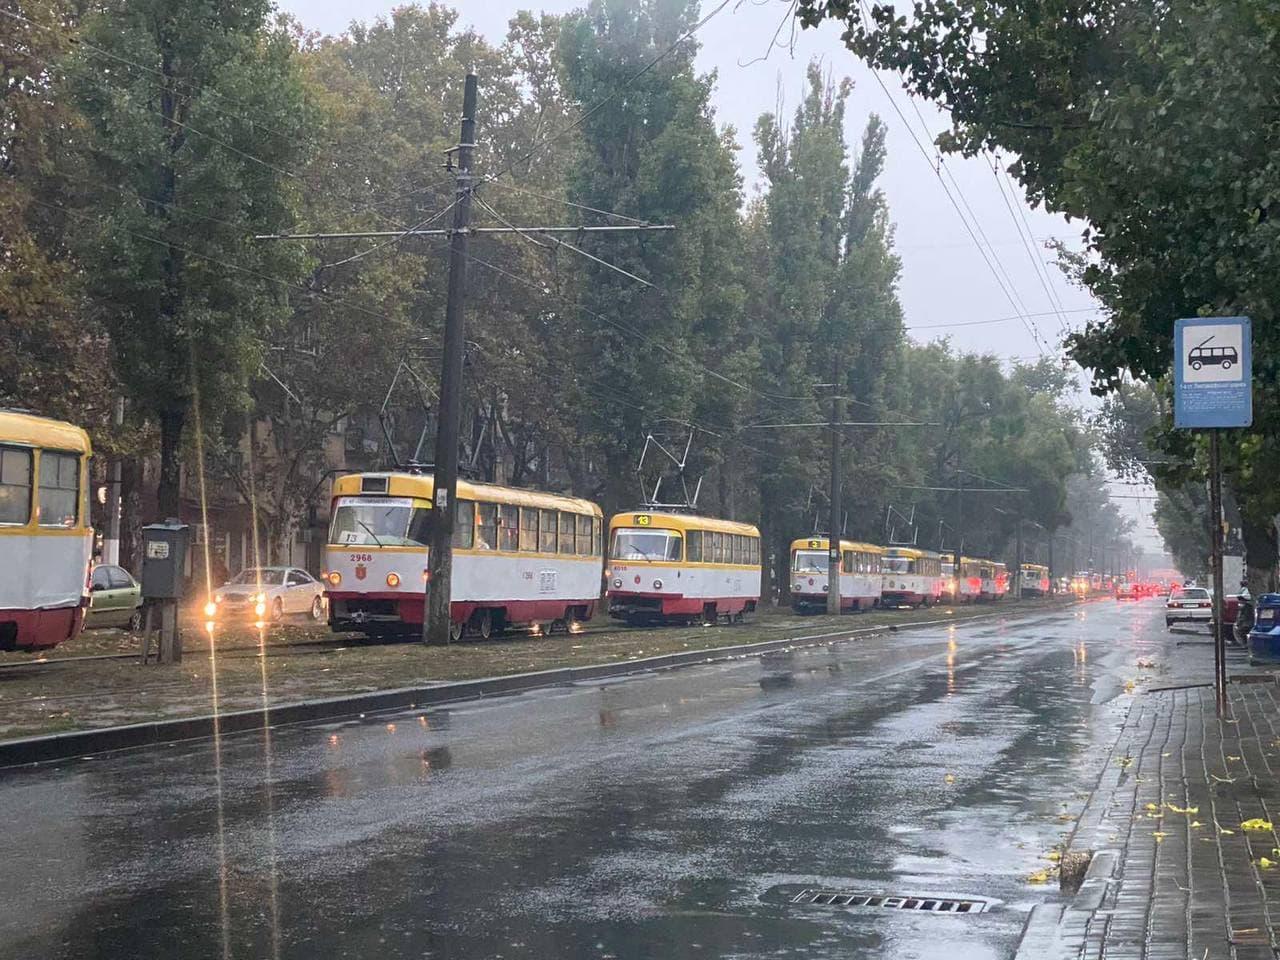 """14 октября 2021 года на 1-й станции Люстдорфской дороги стоят трамваи. Фото: """"Одесса.Реальная картина. Про ЖКЖ И не только"""""""